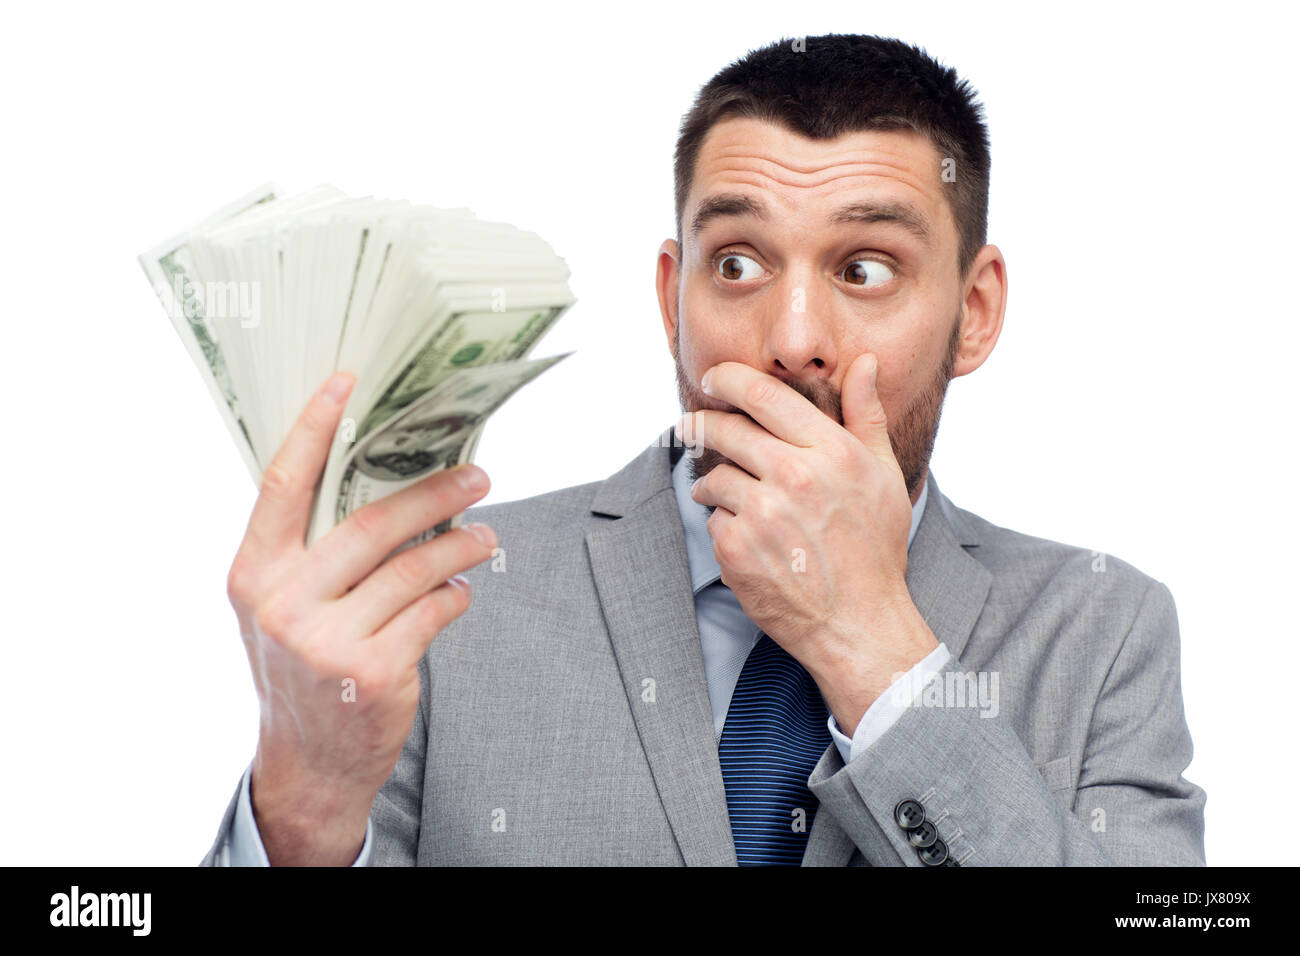 lächelnd Geschäftsmann mit amerikanischen Dollar Geld Stockbild